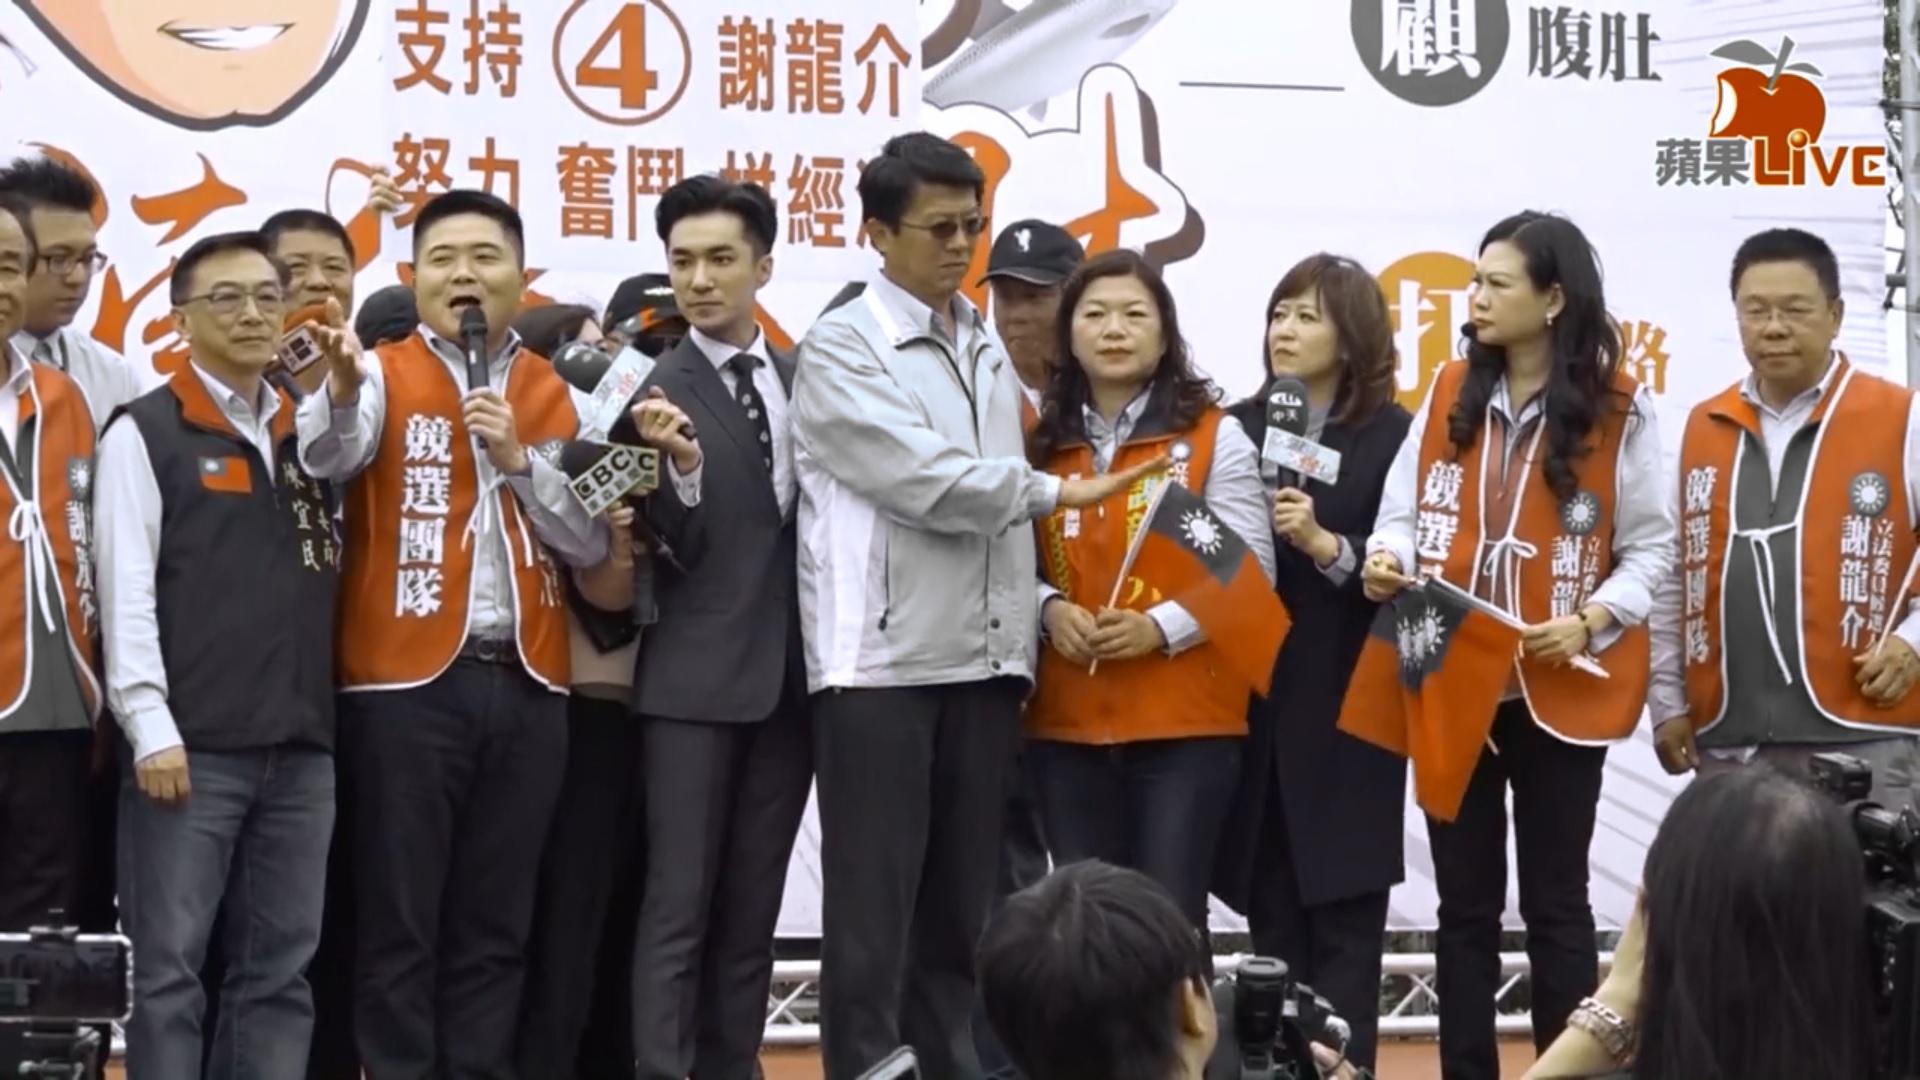 謝龍介選前衝刺看到「國旗」連忙收?